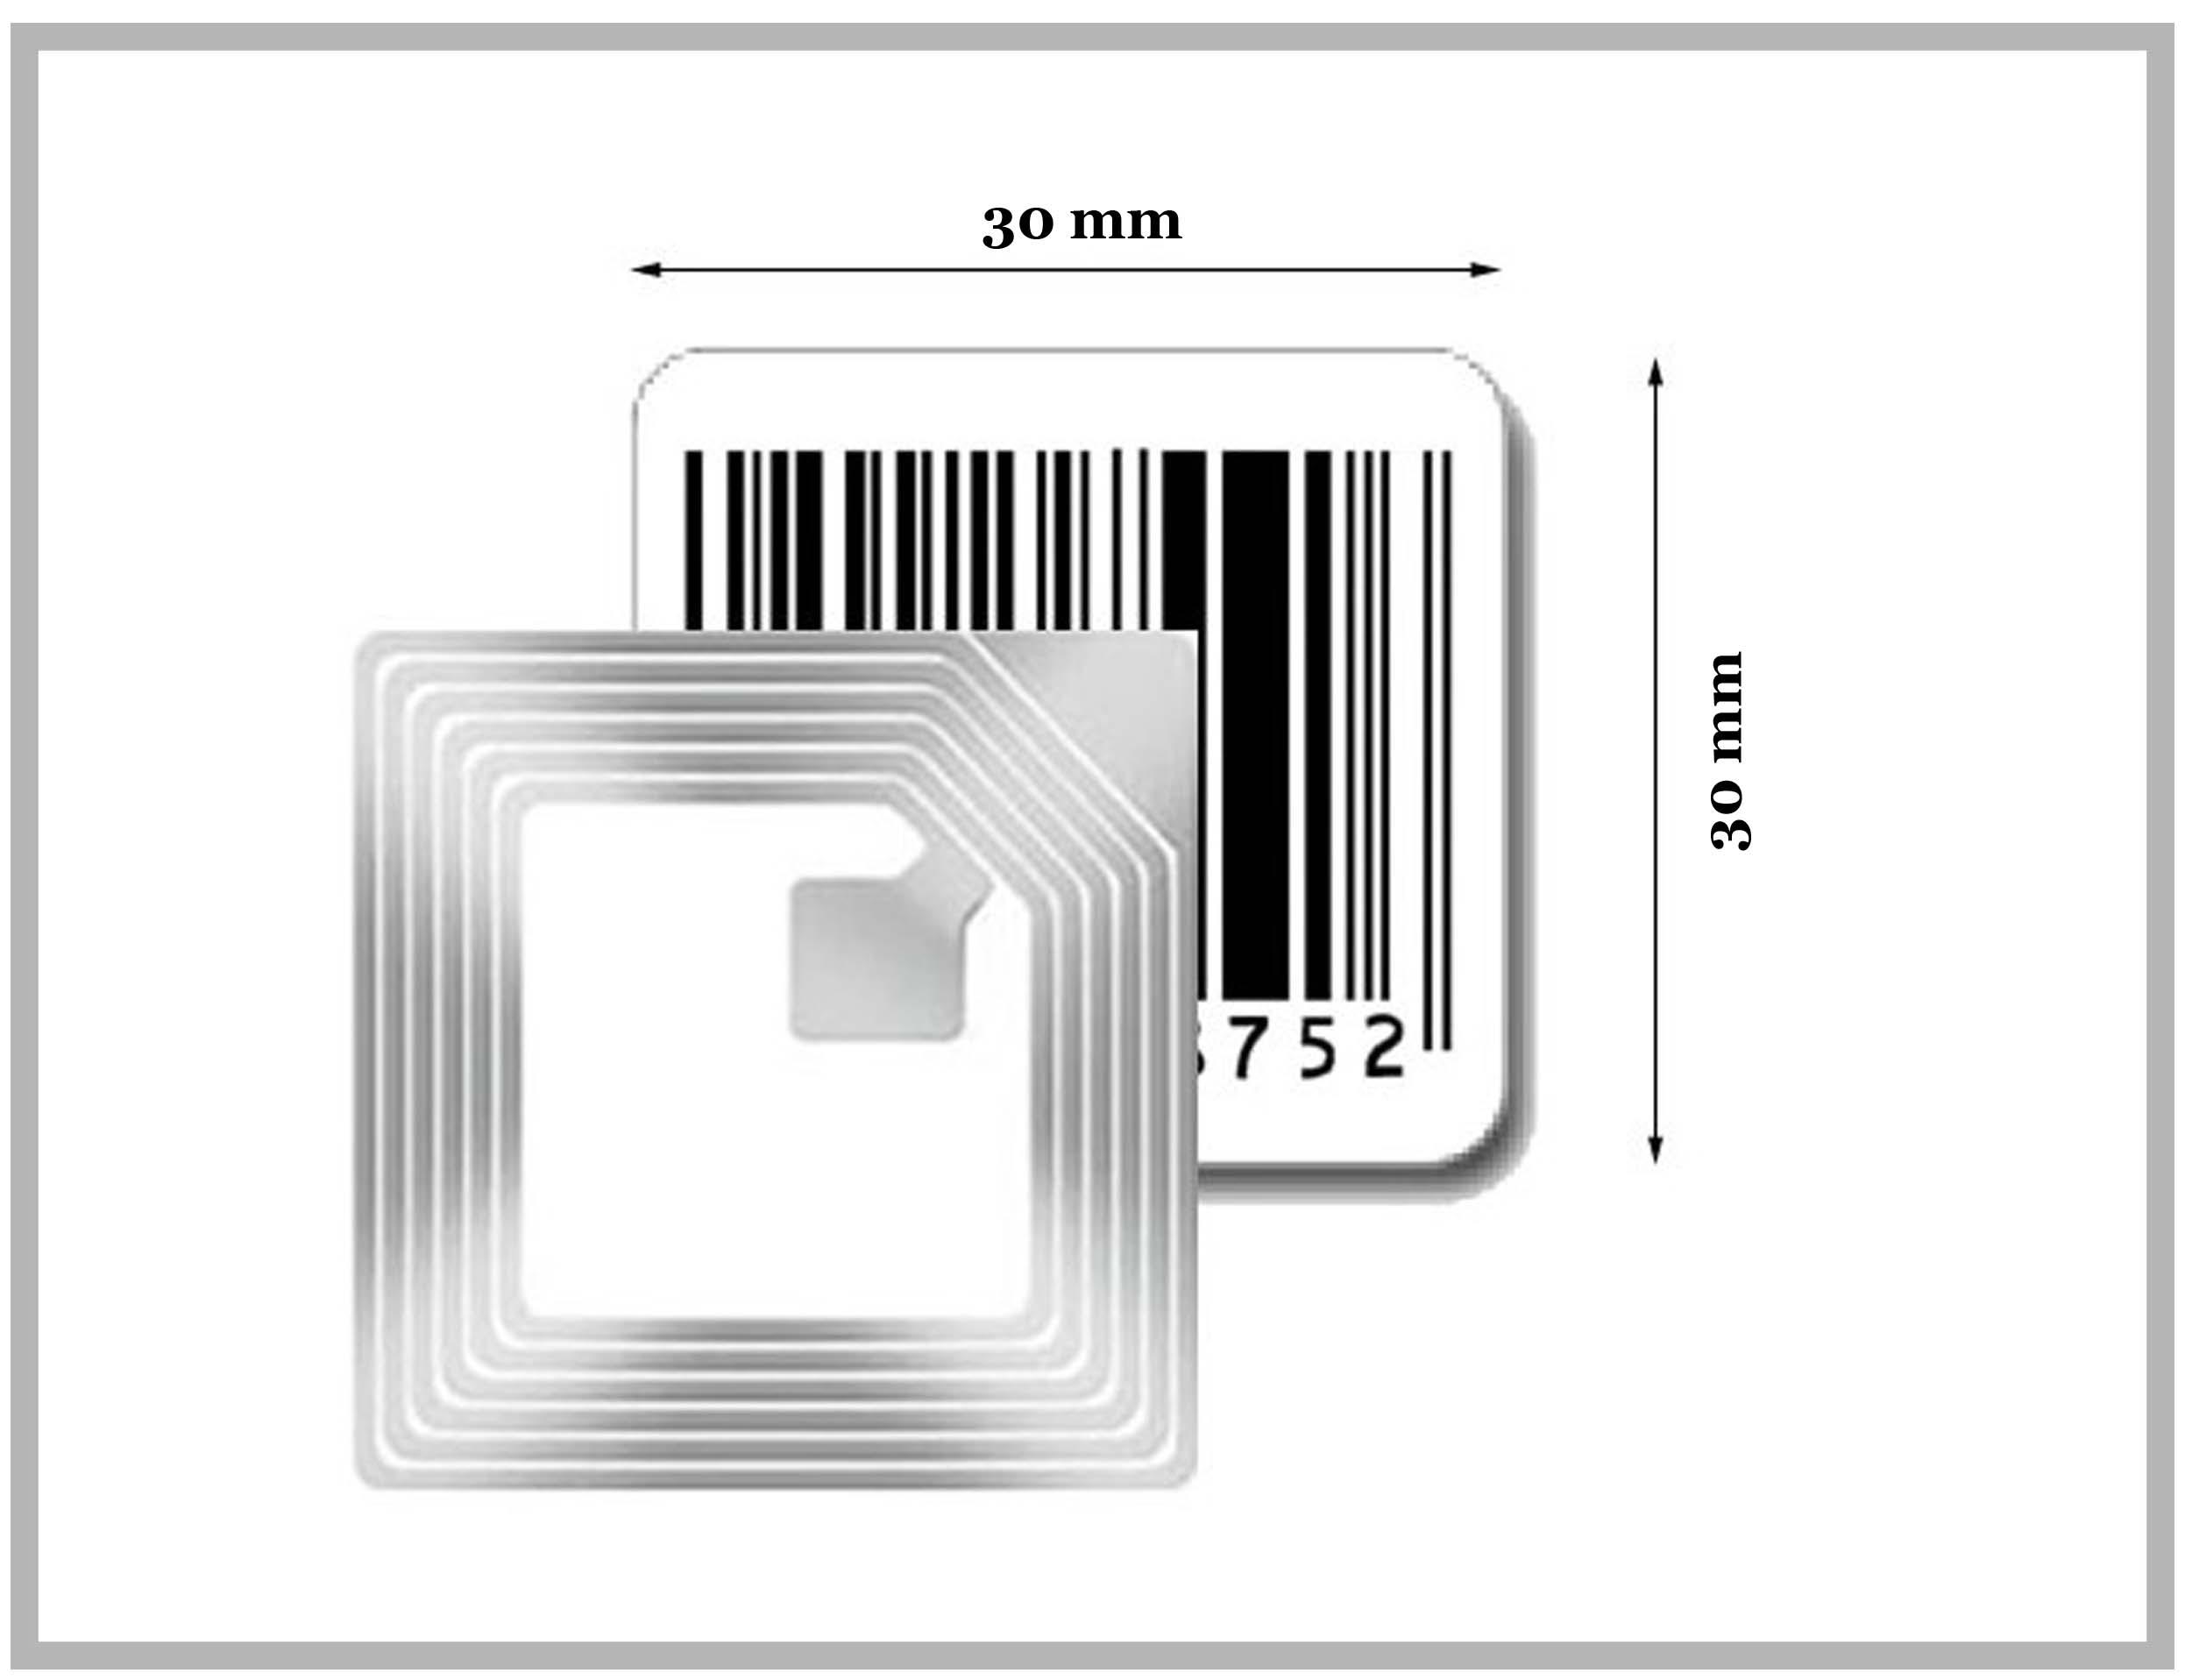 RF Label 30x30mm avec code barre